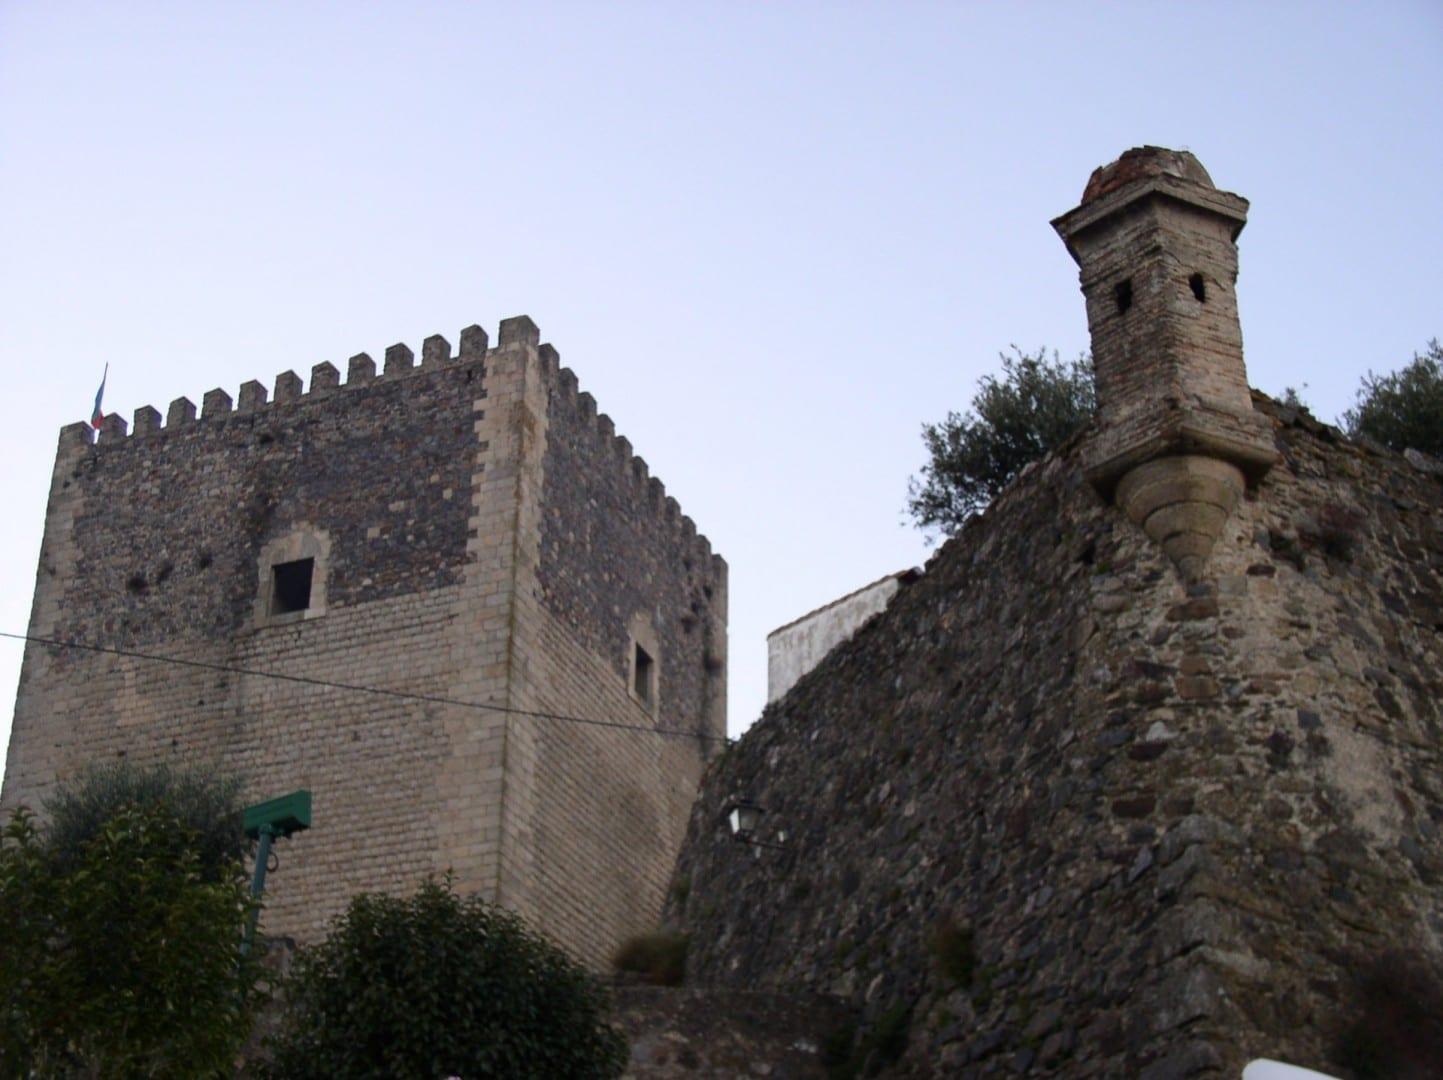 El castillo Castelo de Vide Portugal